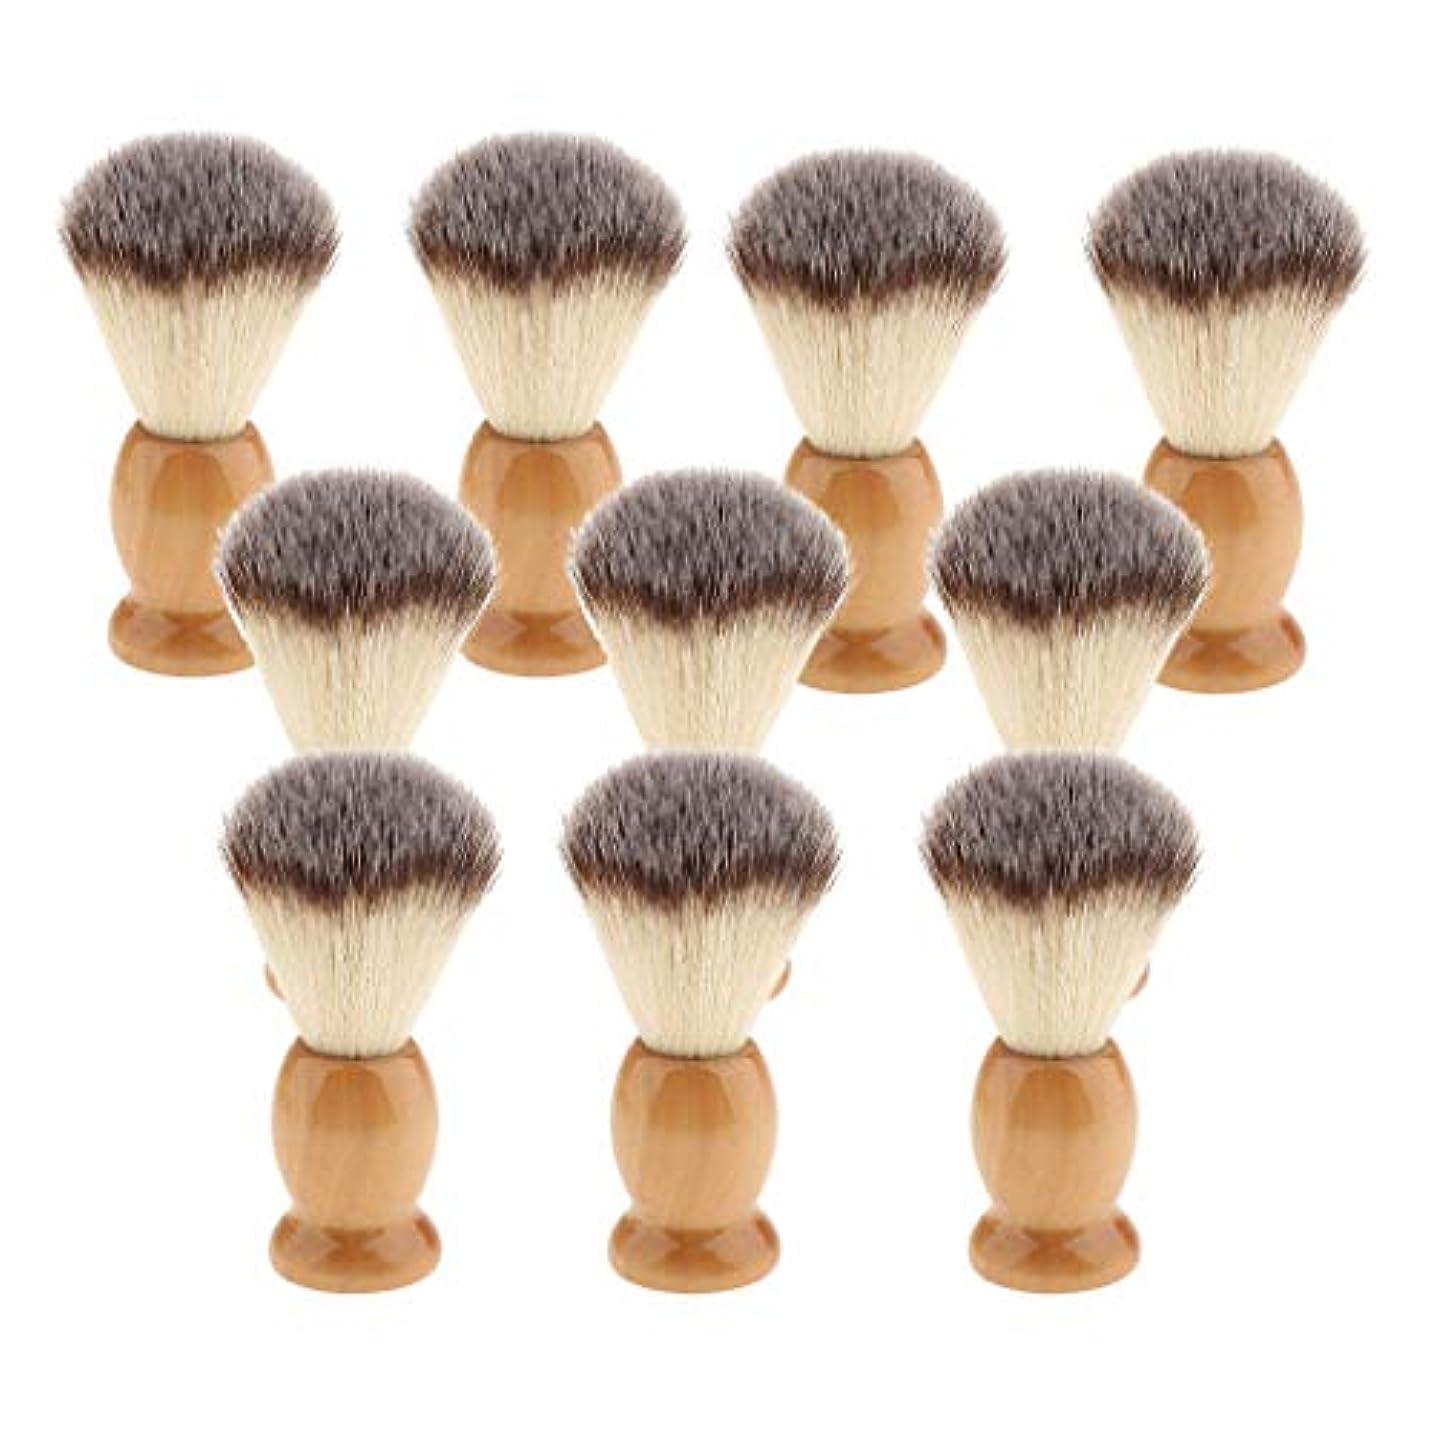 米ドル原告重荷10個 シェービングブラシ 男性 ひげ 口ひげ グルーミング シェービングツール 髭剃り